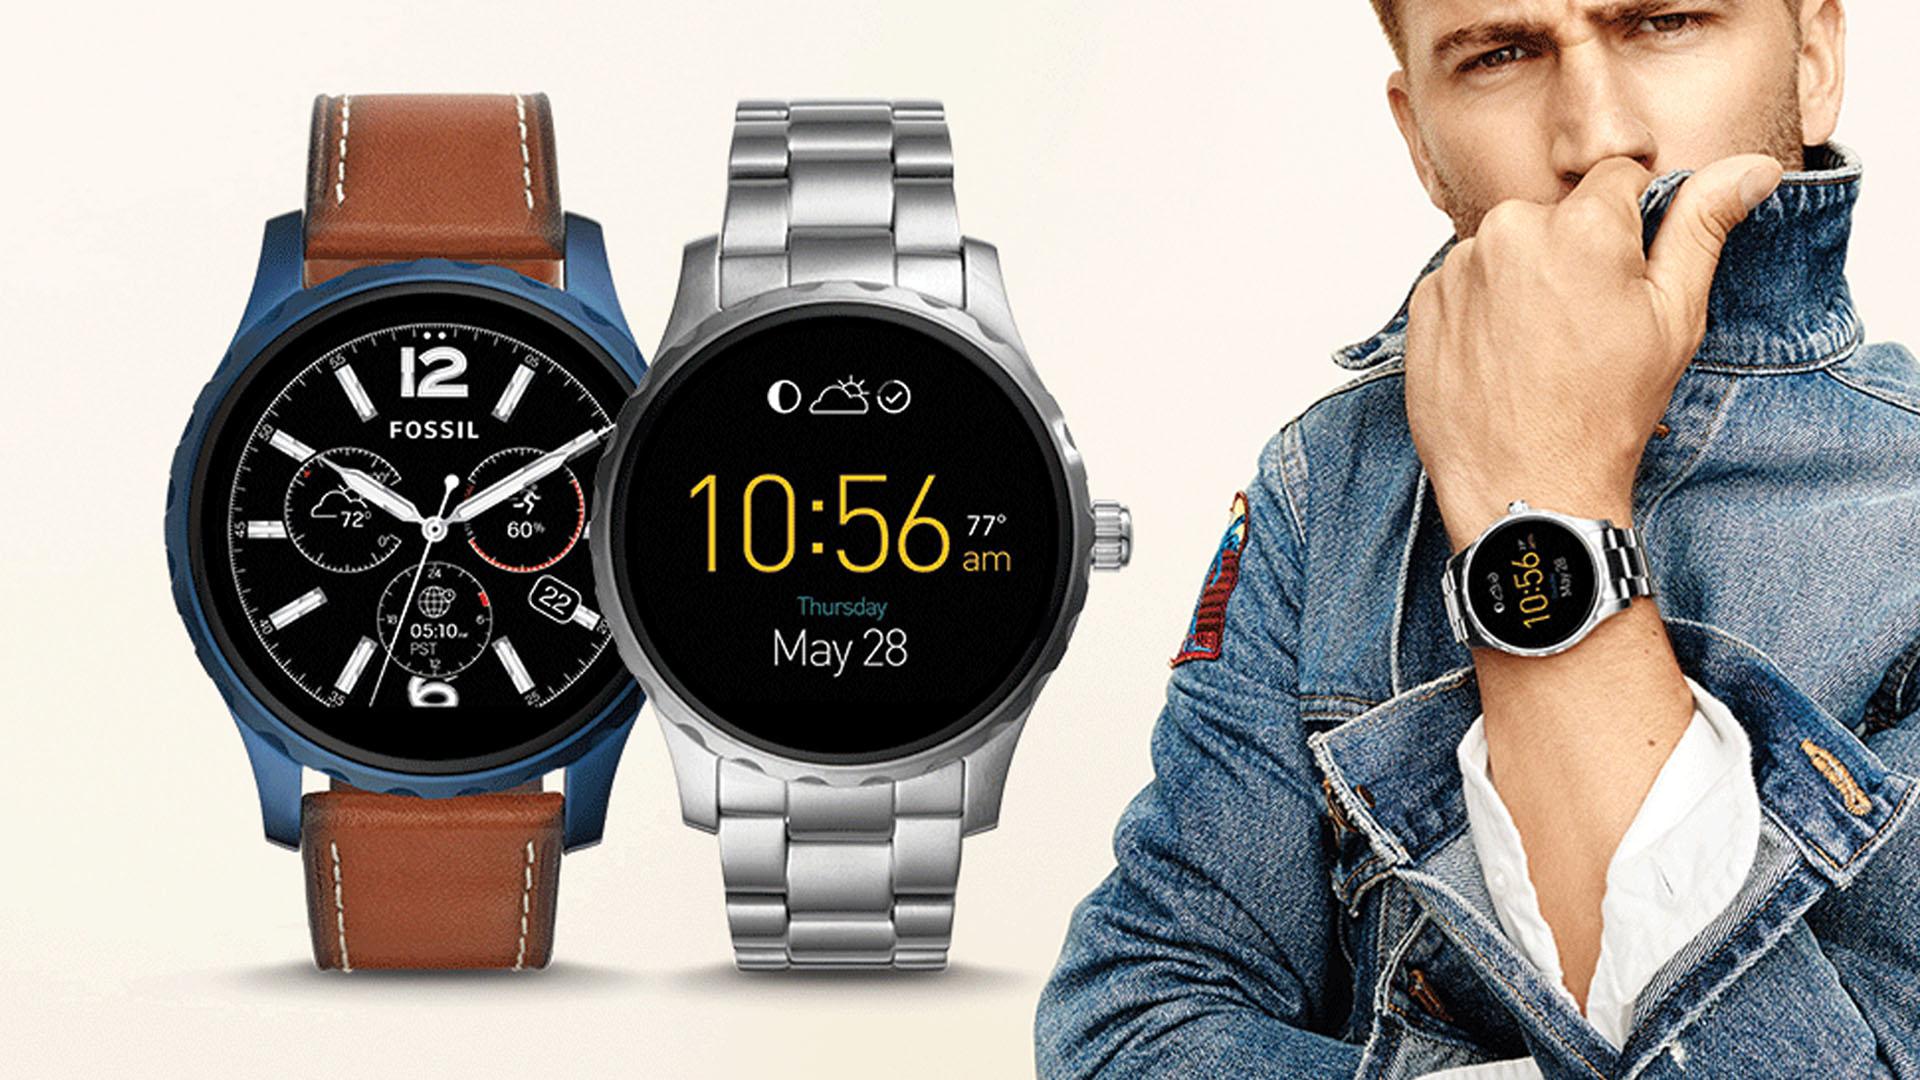 Fossil Q Touchscreen Smart Watch